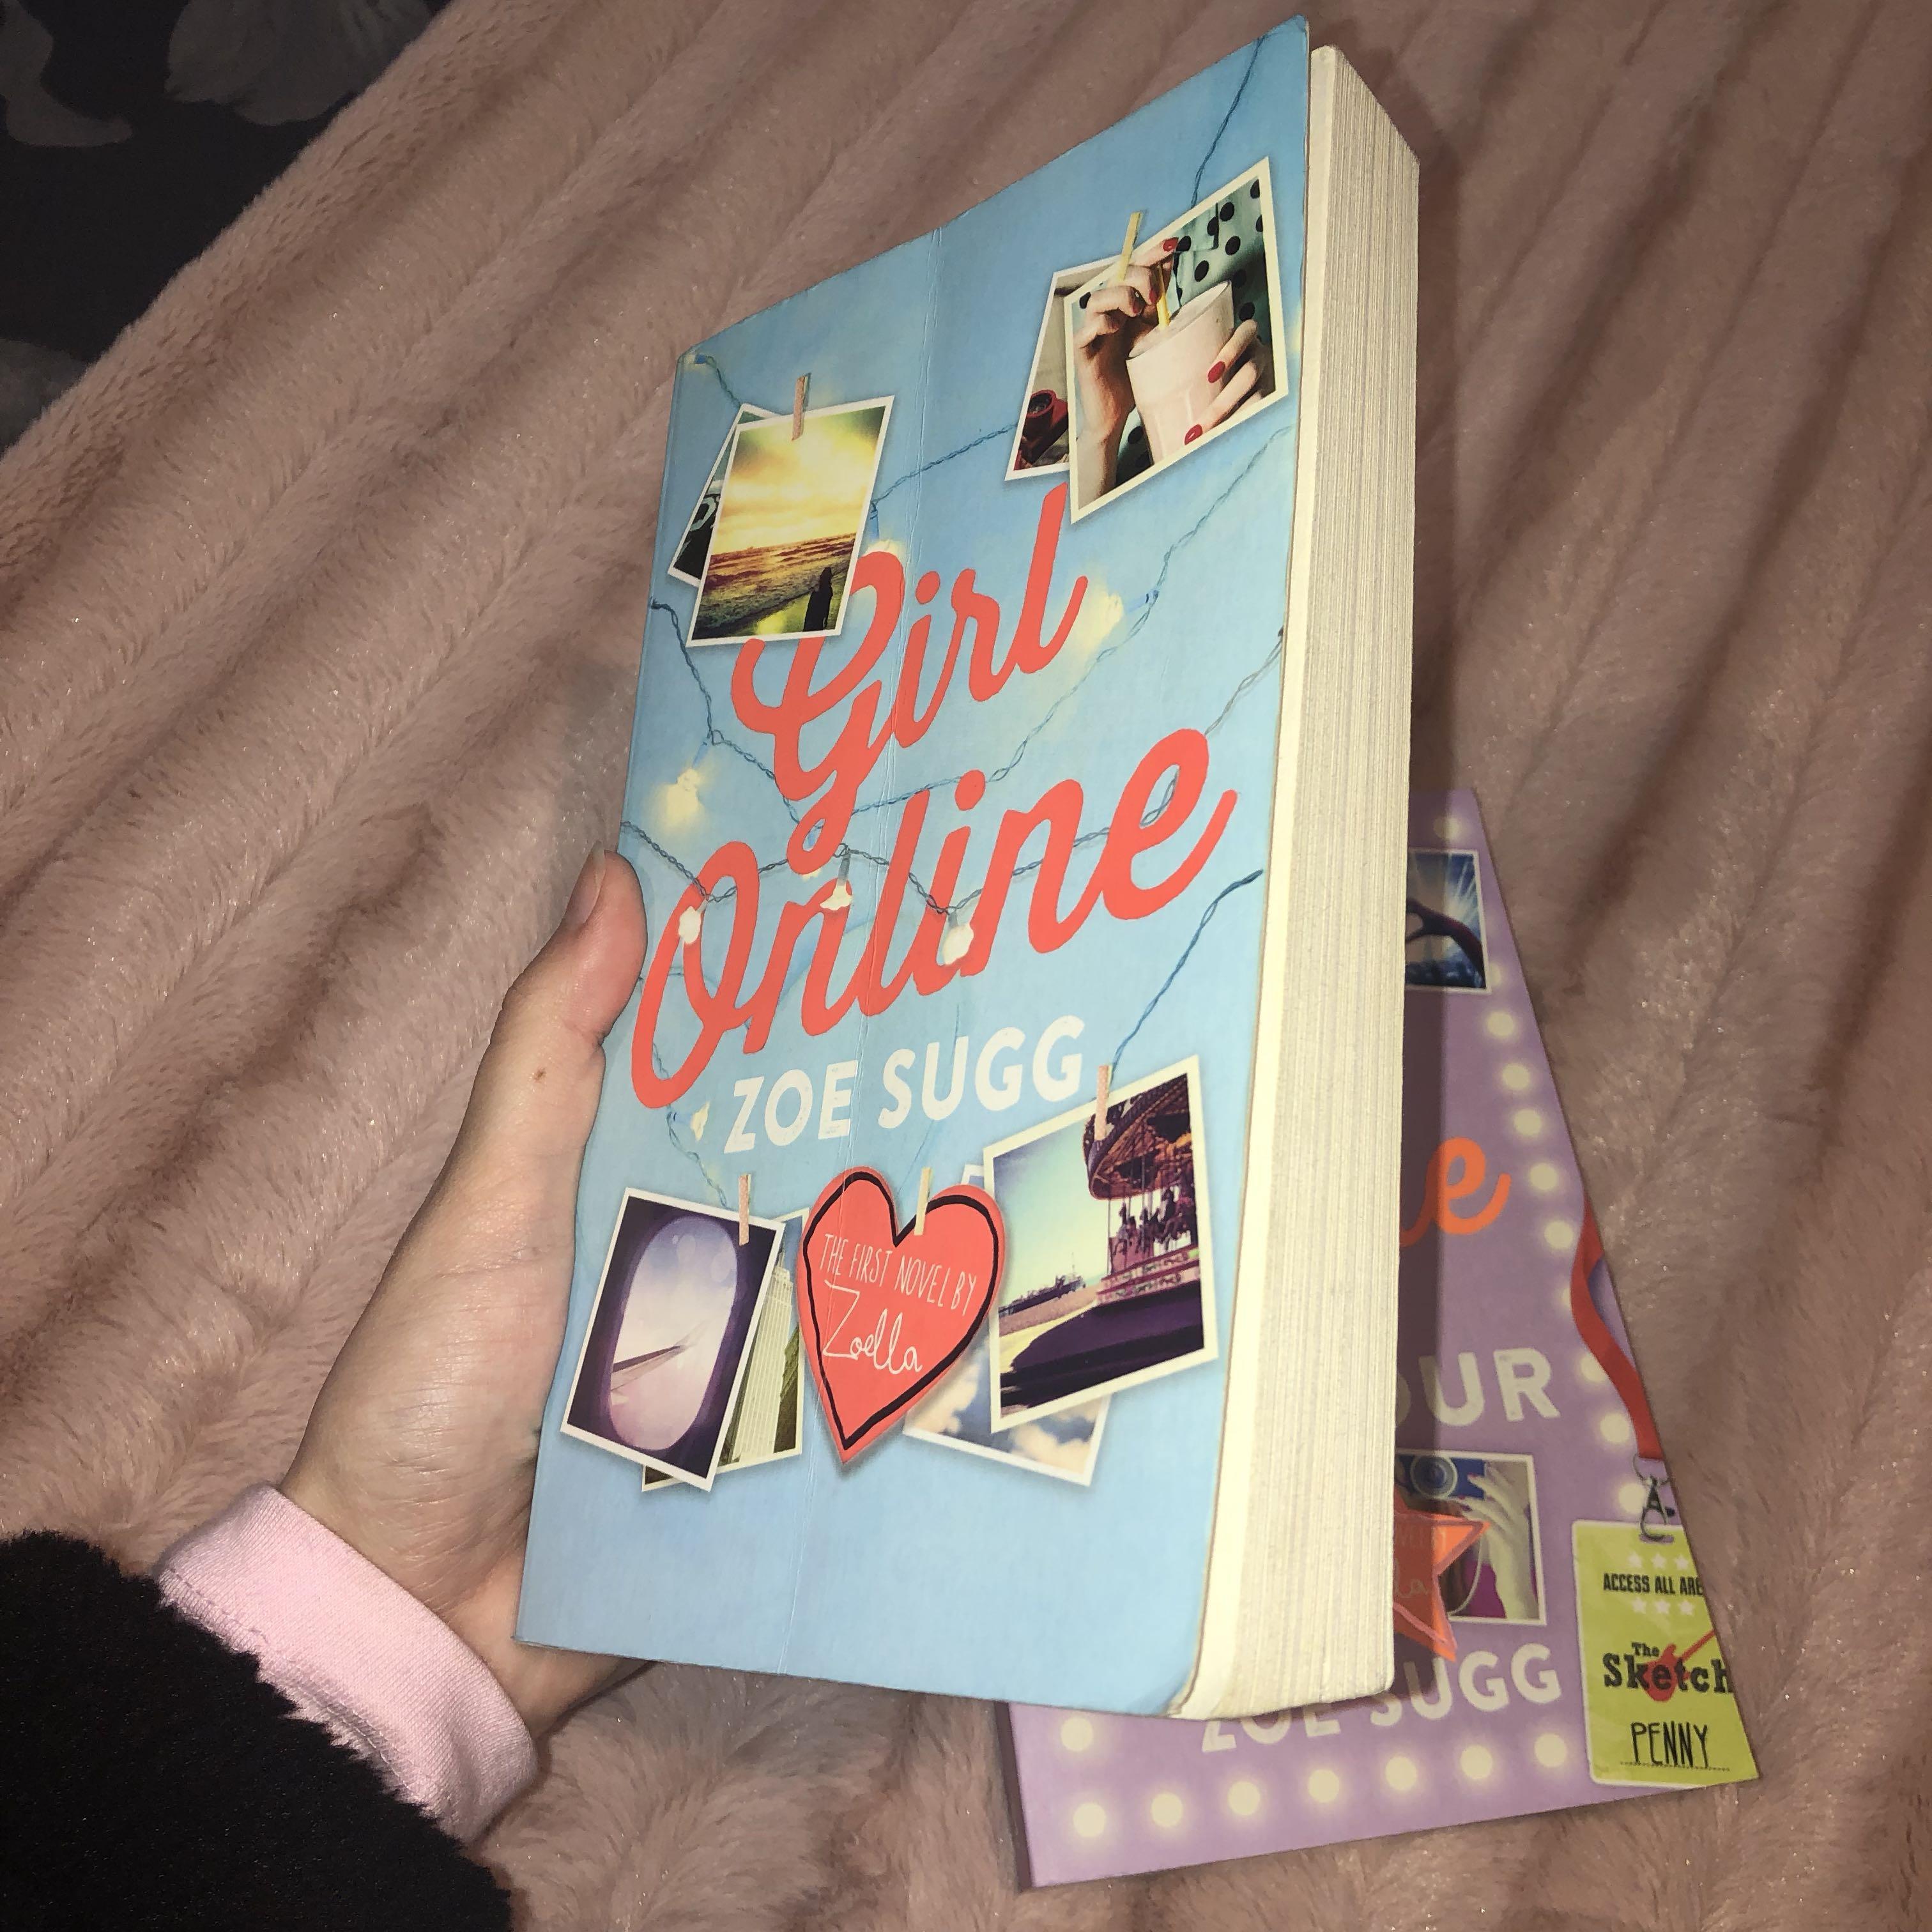 Zoella books